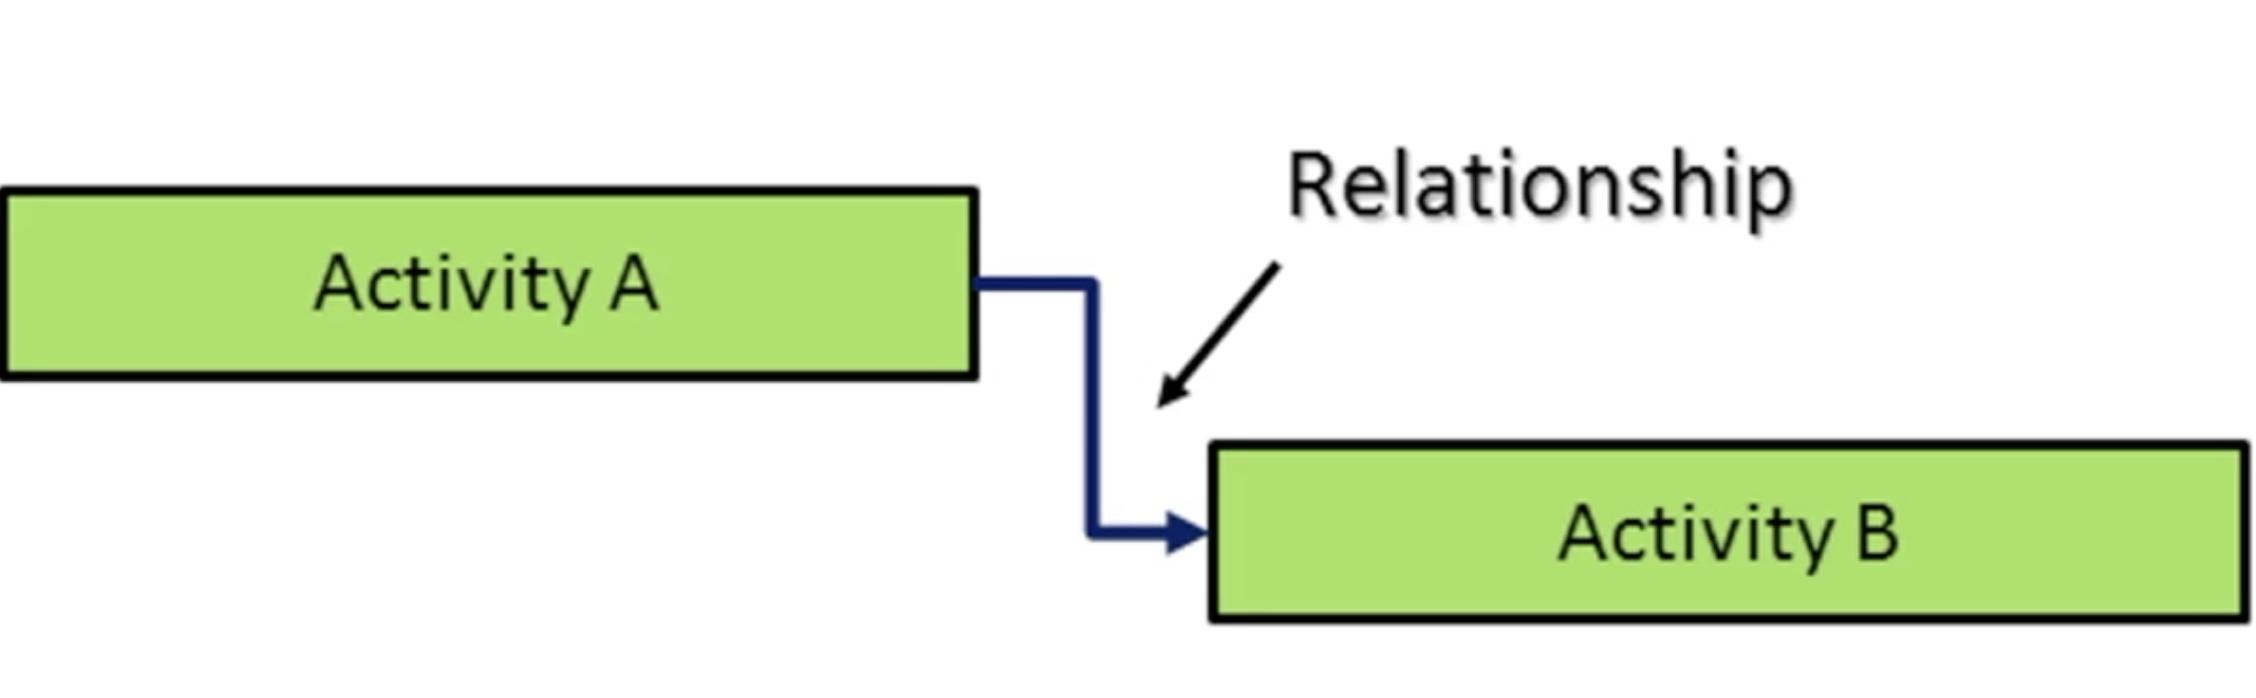 Relationship Types in Primavera P6